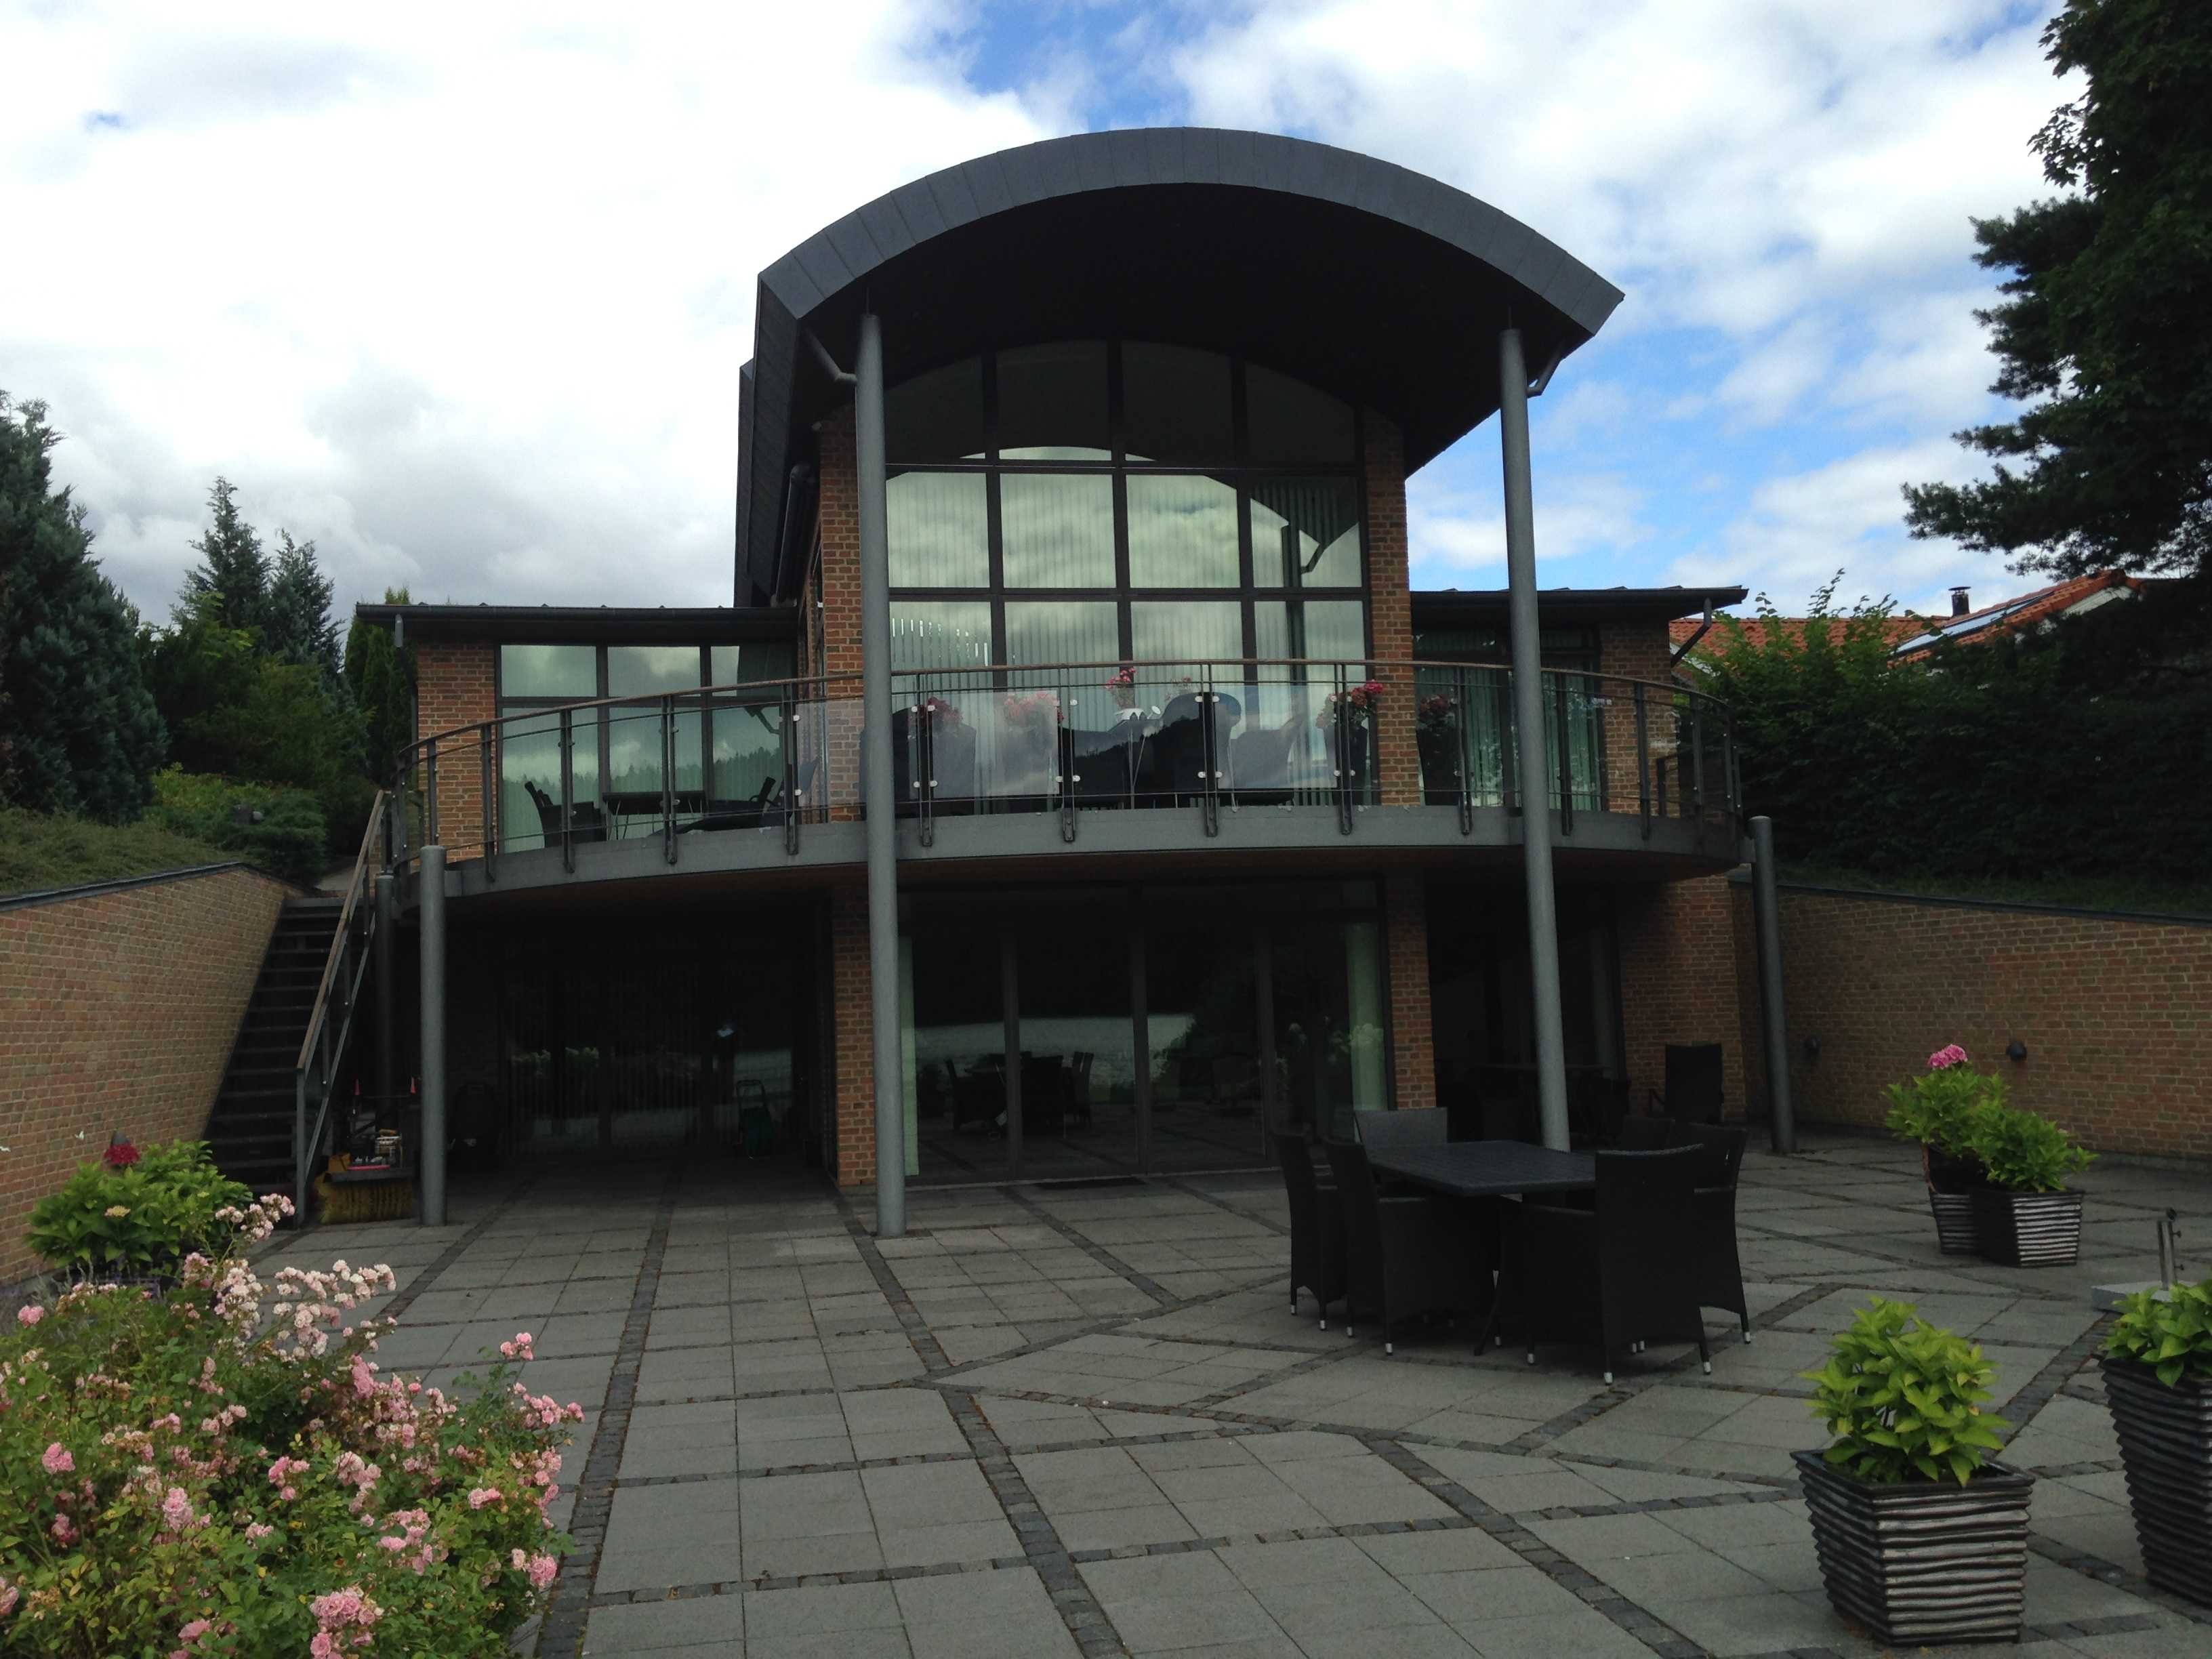 Arkitekt tegnet hus af Per Glerup, Silkeborg